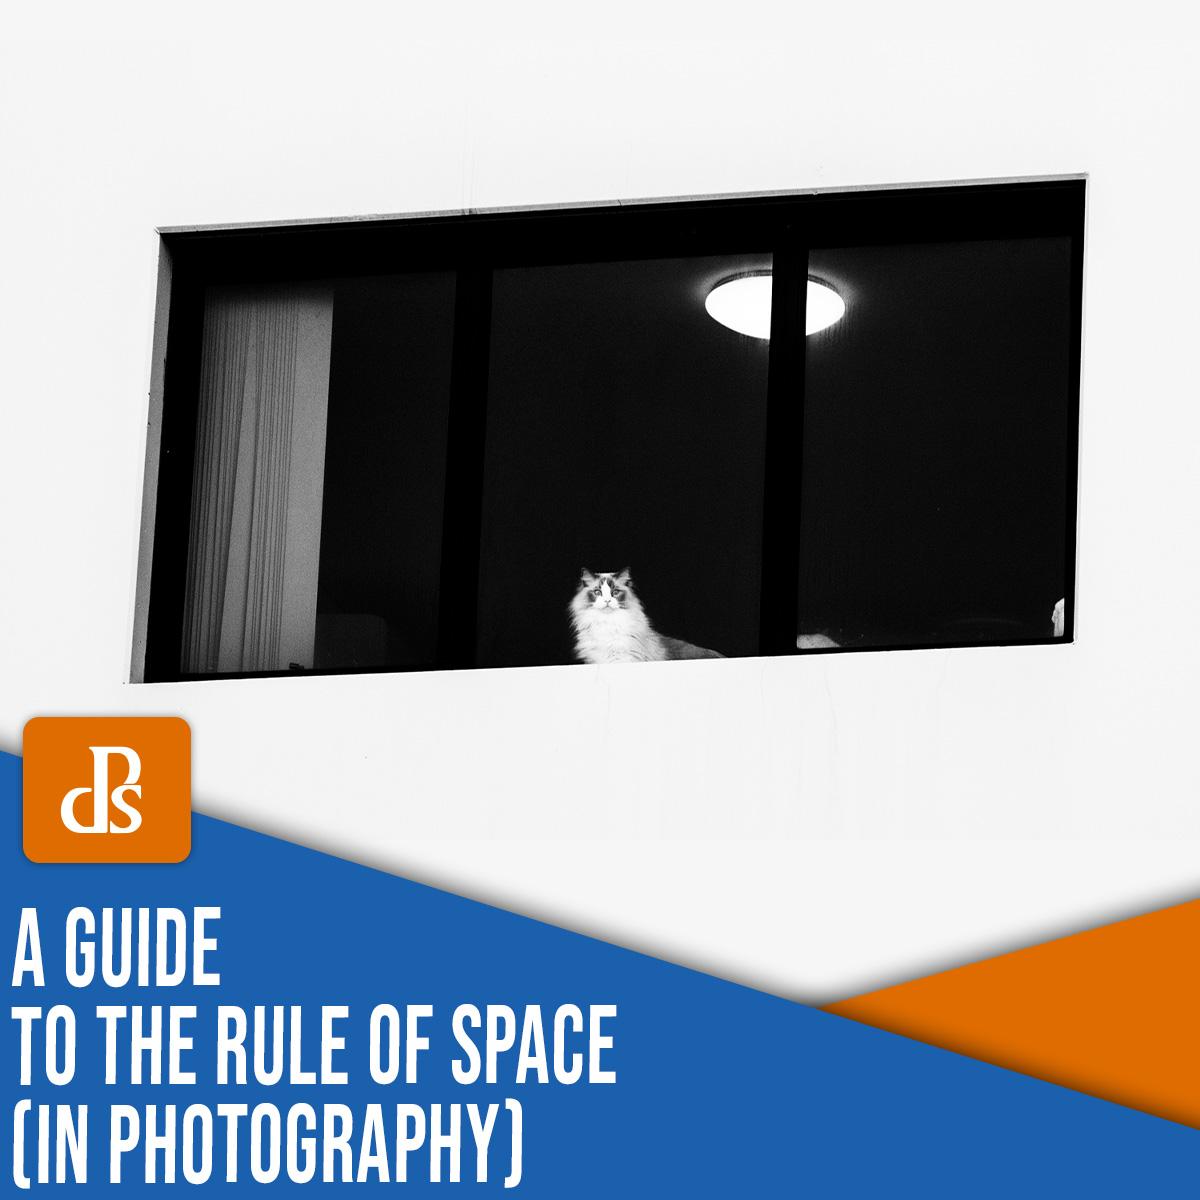 regra do espaço na fotografia: um guia completo (+ exemplos)